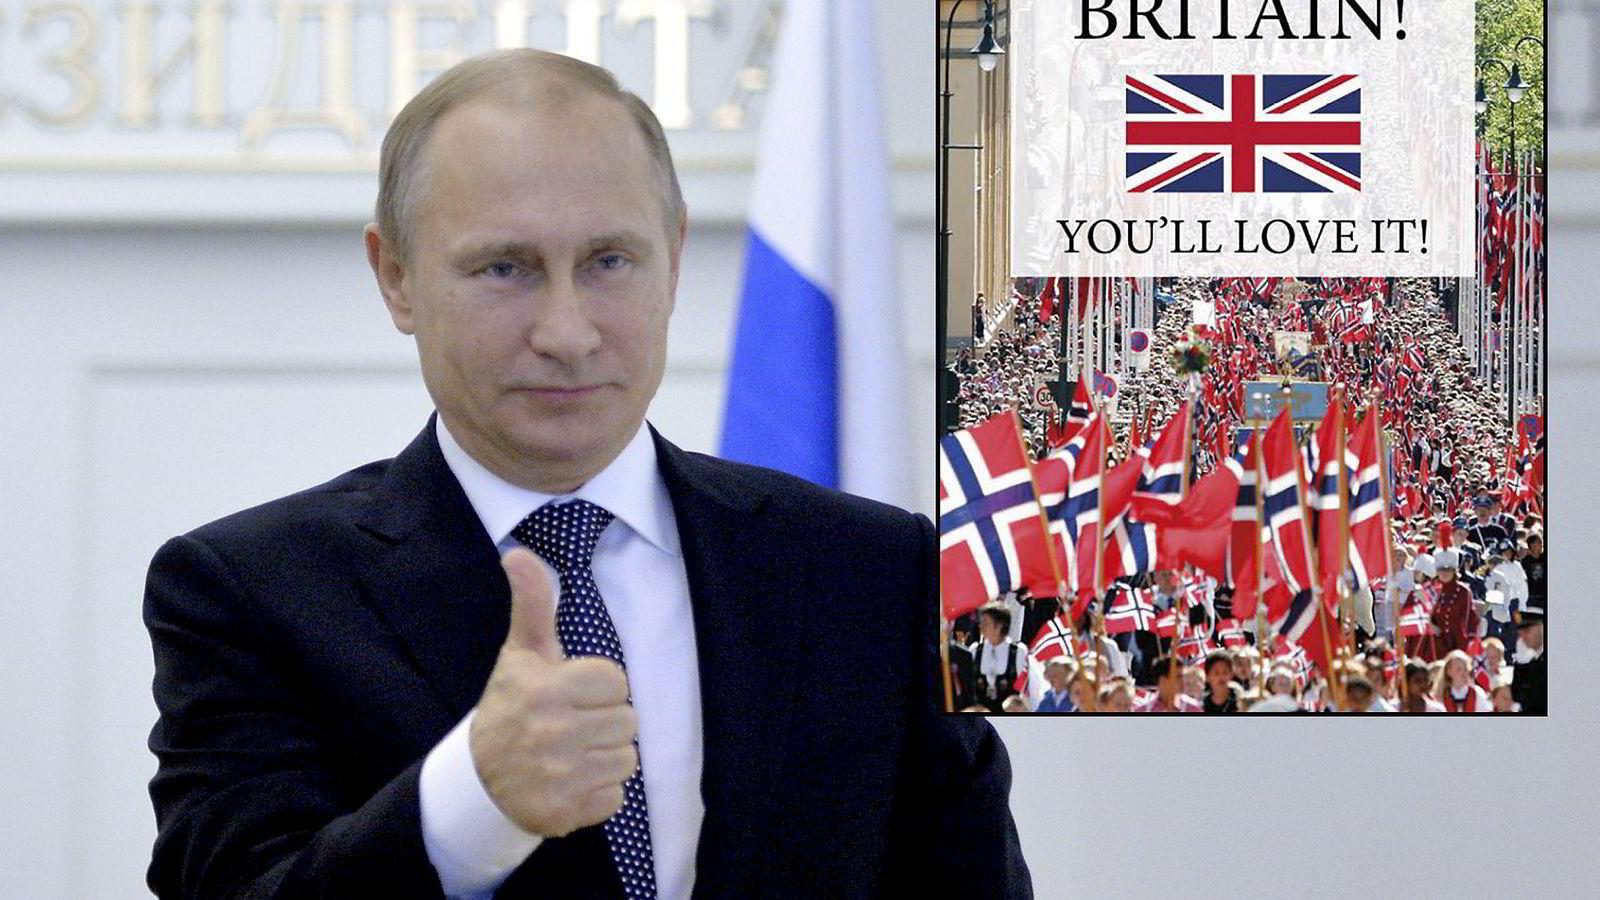 Dette bildet av Russlands president la Venstres Sveinung Rotevatn ut som en kommentar på Liv Signe Navarsetes budskap om at britene bør stemme for å forlate EU. Navarsetes Facebook-post til høyre. Foto: Alexei Druzhinin/RIA Novosti/Reuters/NTB Scanpix